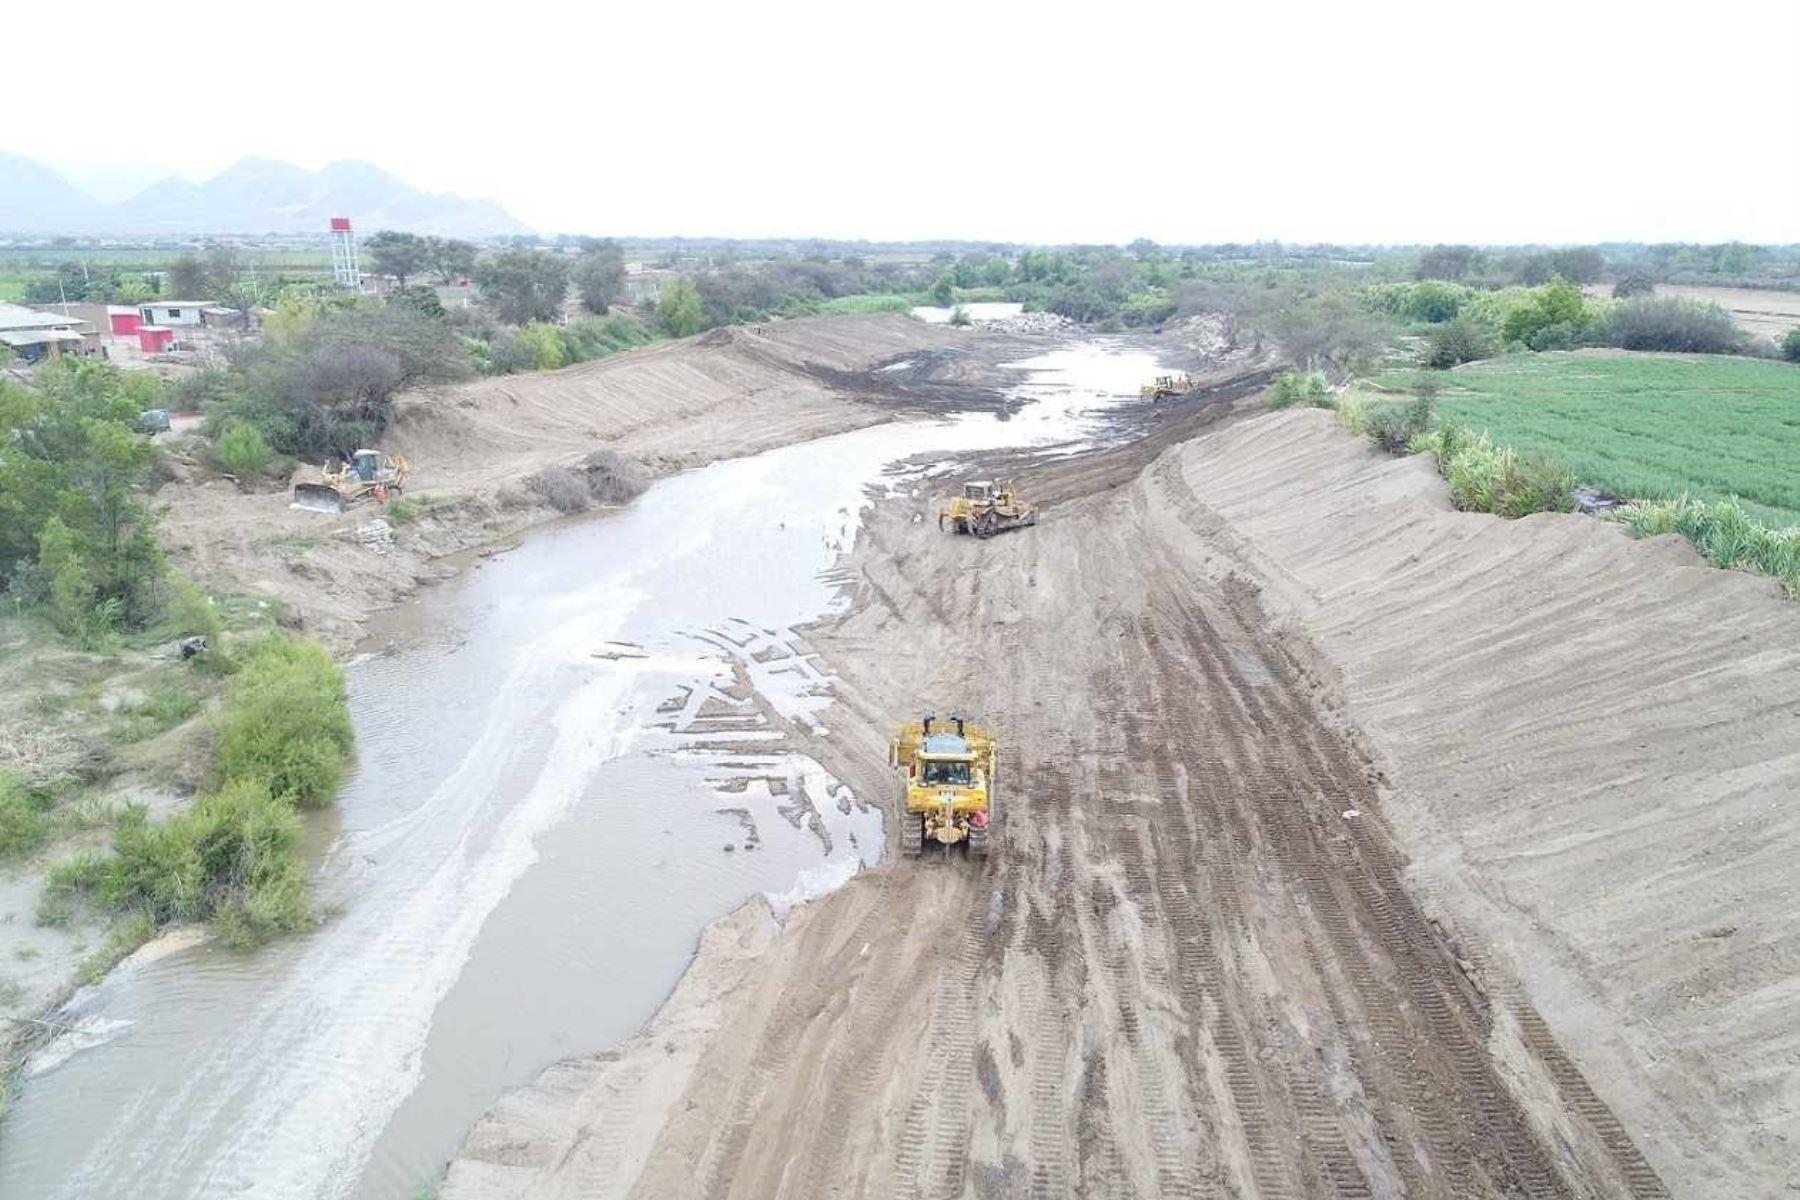 El Ministerio de Agricultura y Riego (Minagri) culminó los trabajos de limpieza y encauzamiento del primer tramo del río Zaña, en la región Lambayeque, logrando descolmatar alrededor de 980,000 metros cúbicos de sedimentos del cauce.